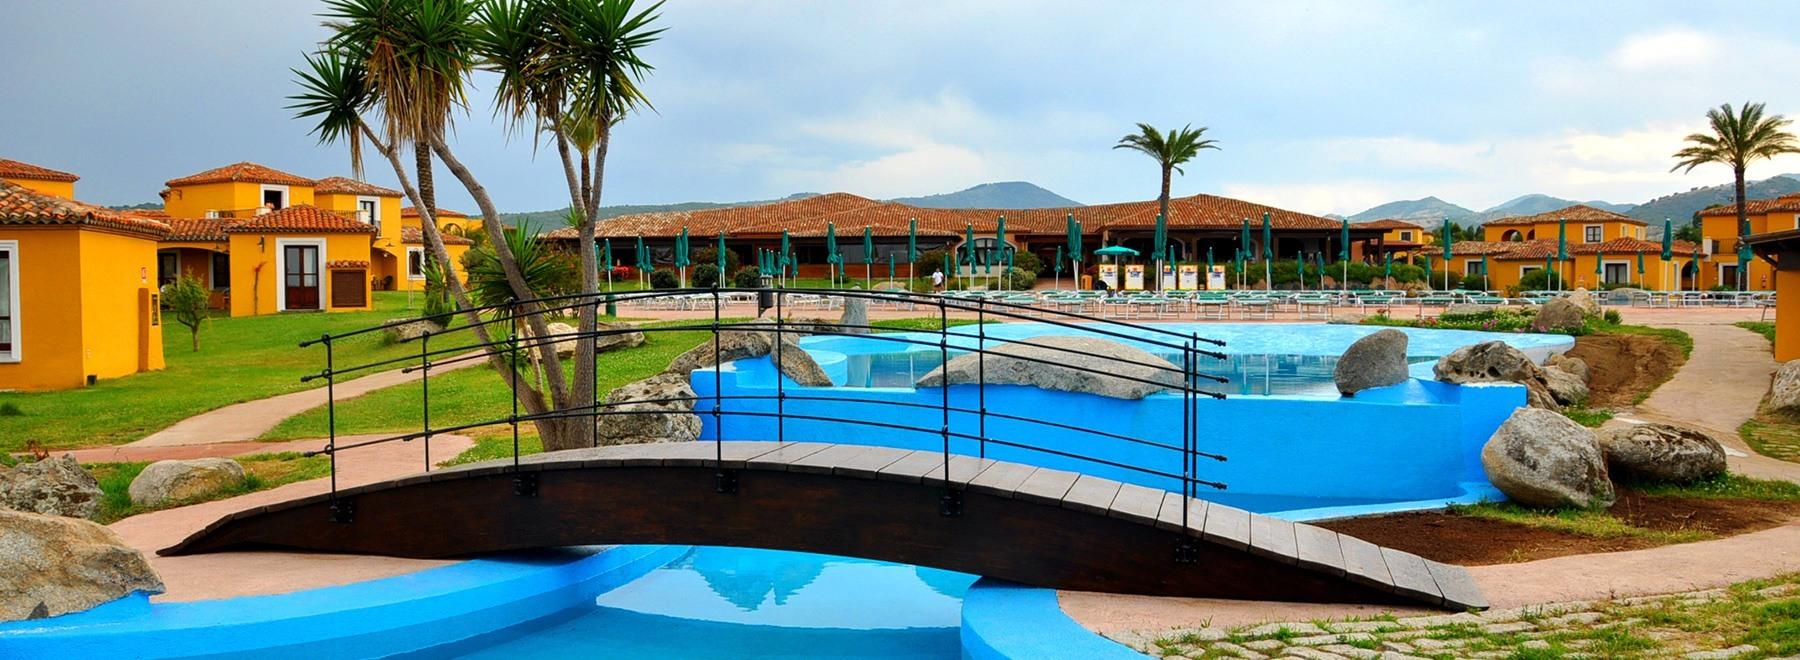 Nicolaus club baia dei pini 2018 prenota ora al miglior prezzo - Villaggio giardini naxos all inclusive ...